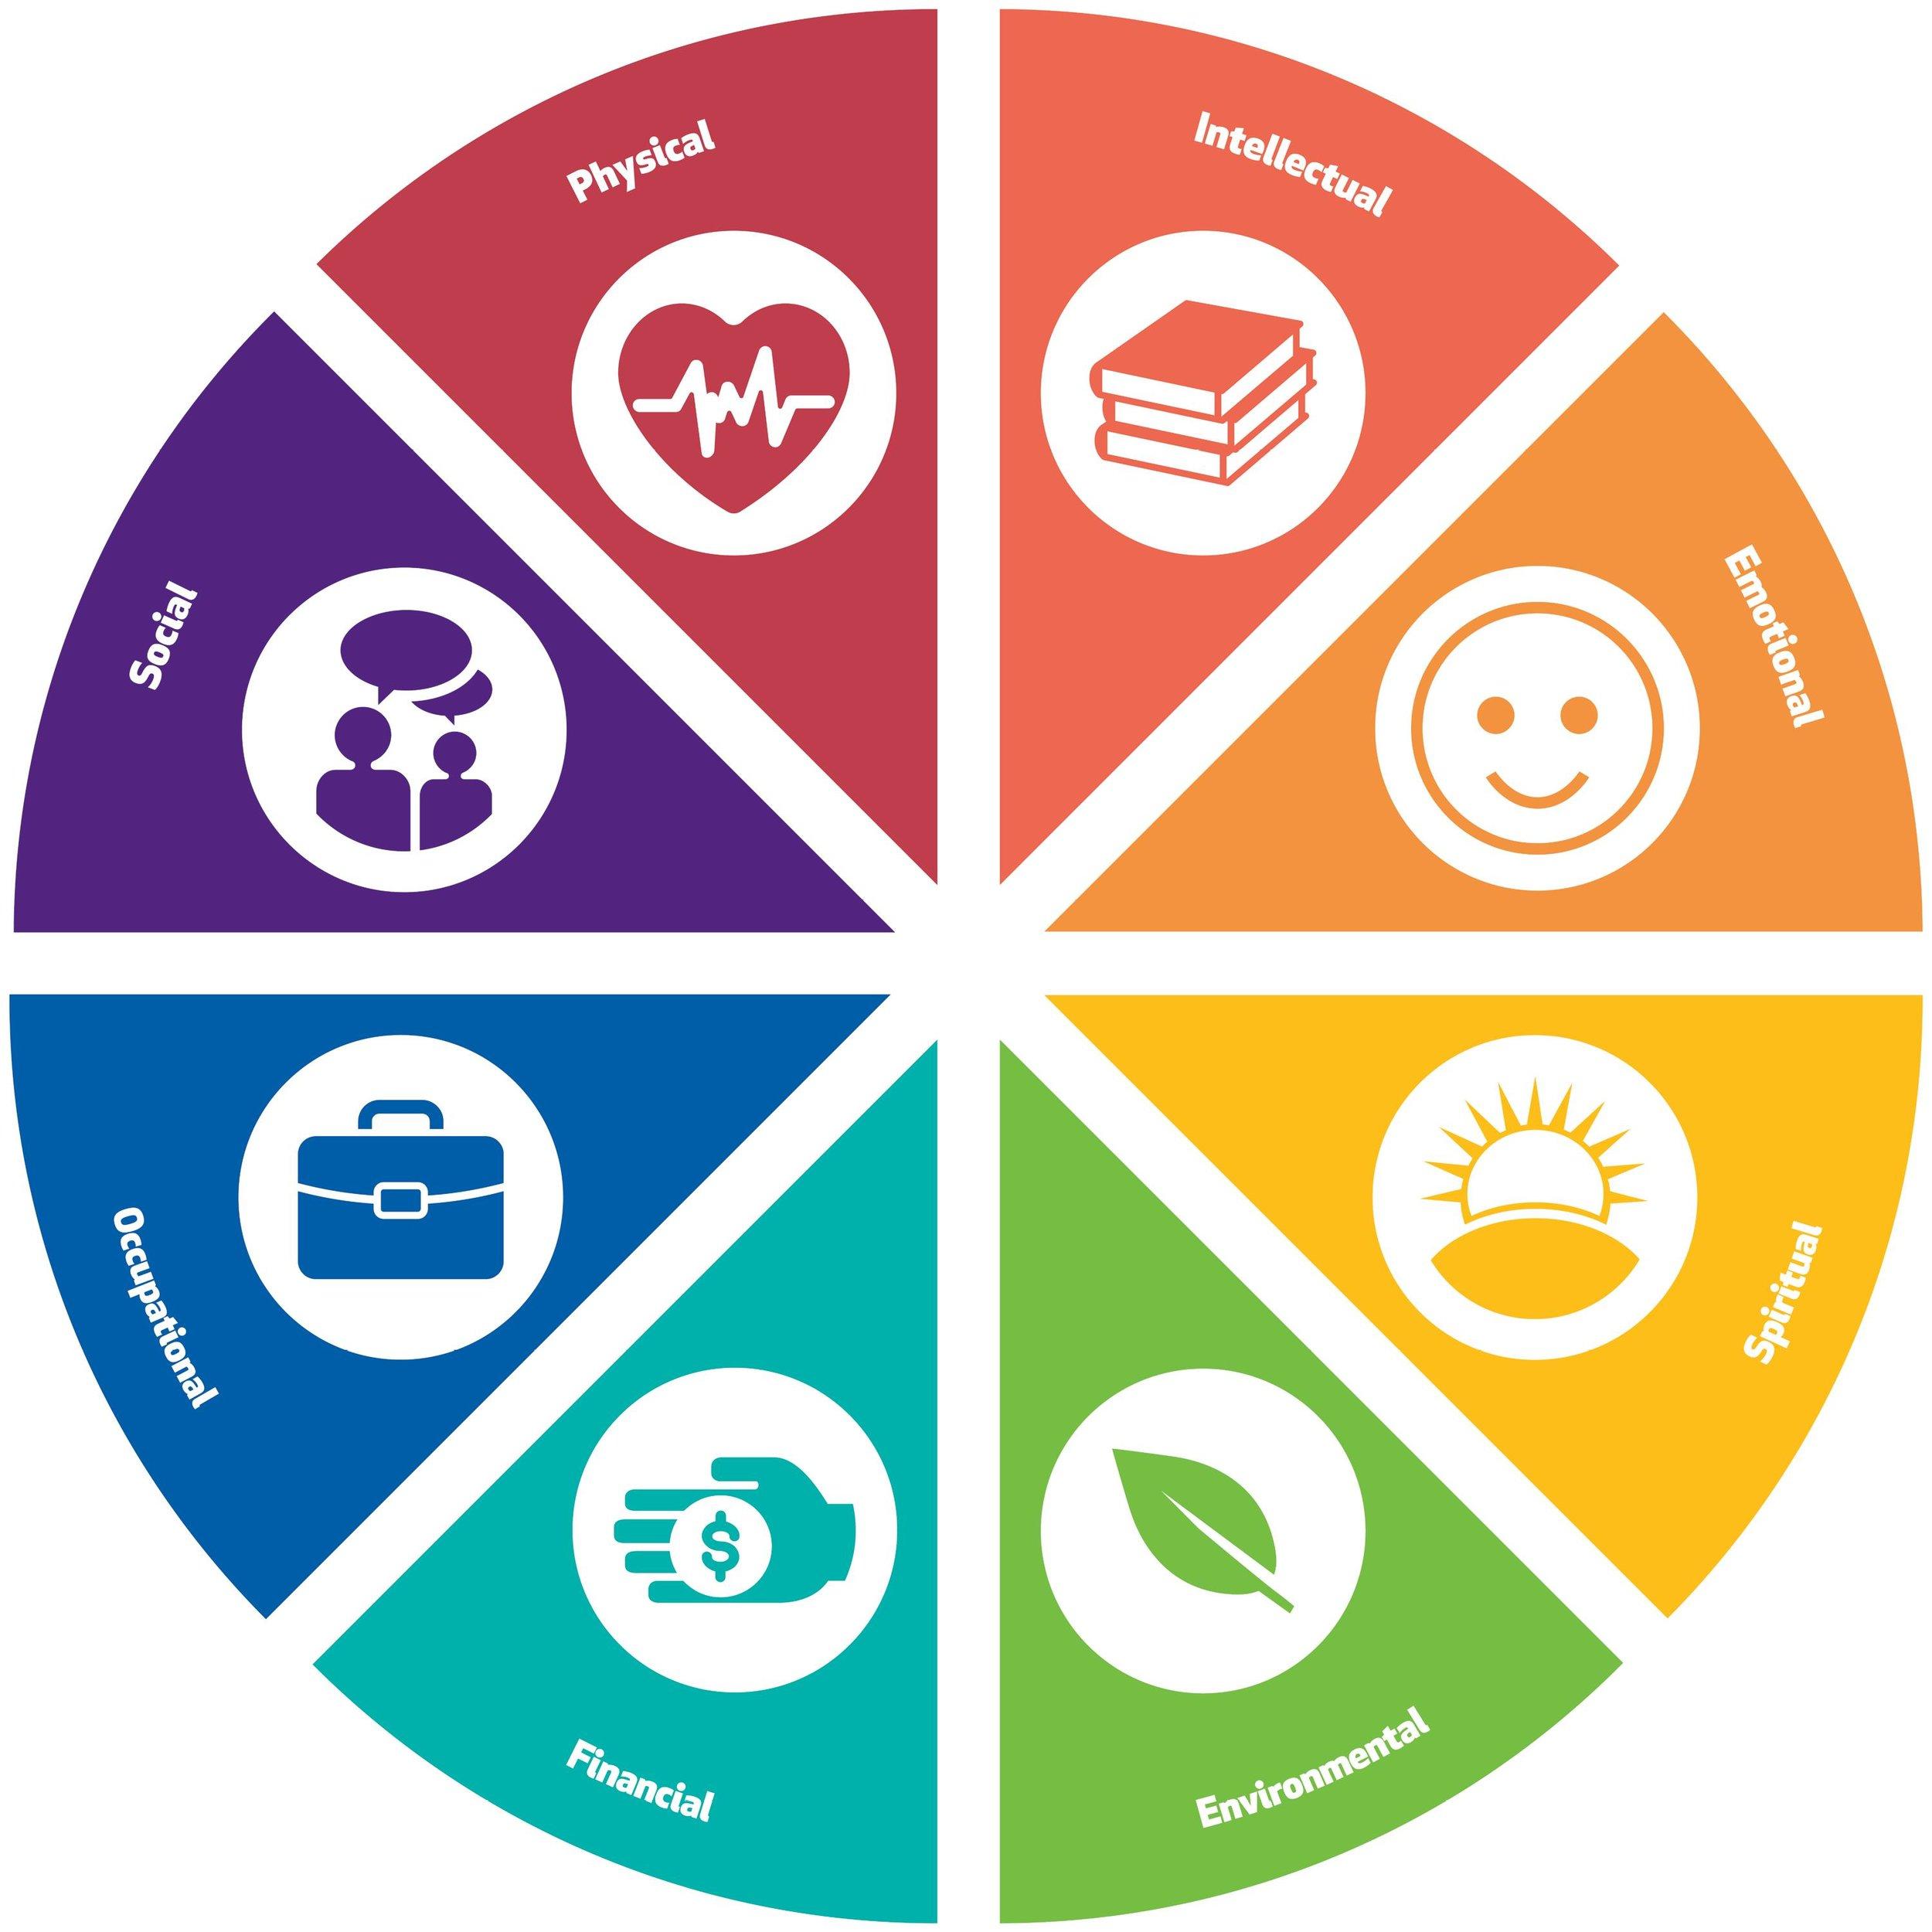 wellness-wheel.jpg